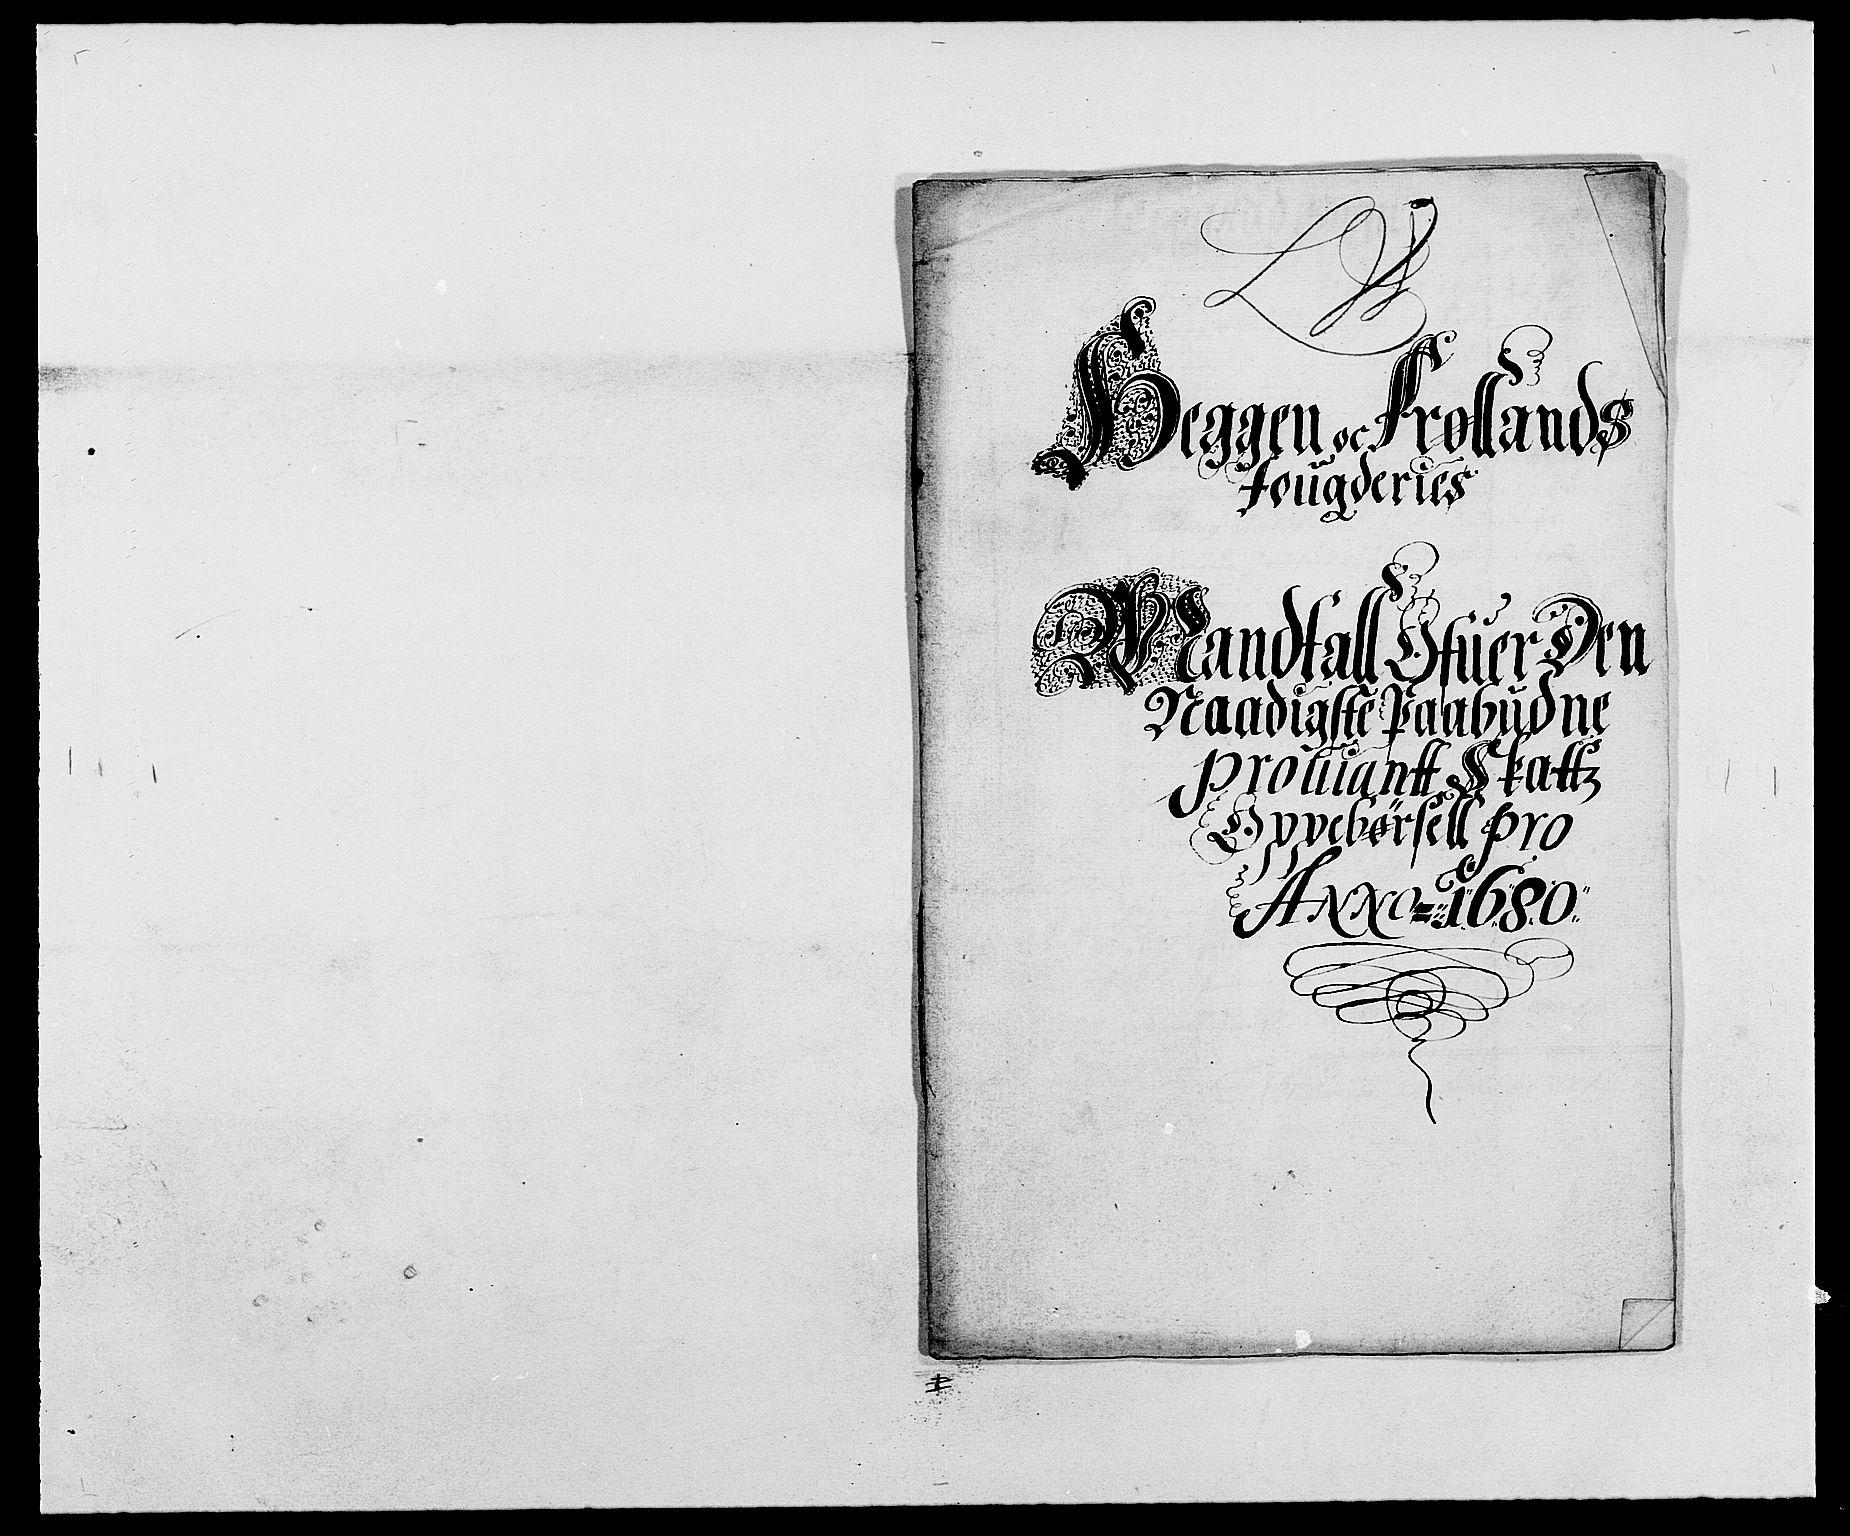 RA, Rentekammeret inntil 1814, Reviderte regnskaper, Fogderegnskap, R06/L0279: Fogderegnskap Heggen og Frøland, 1678-1680, s. 478